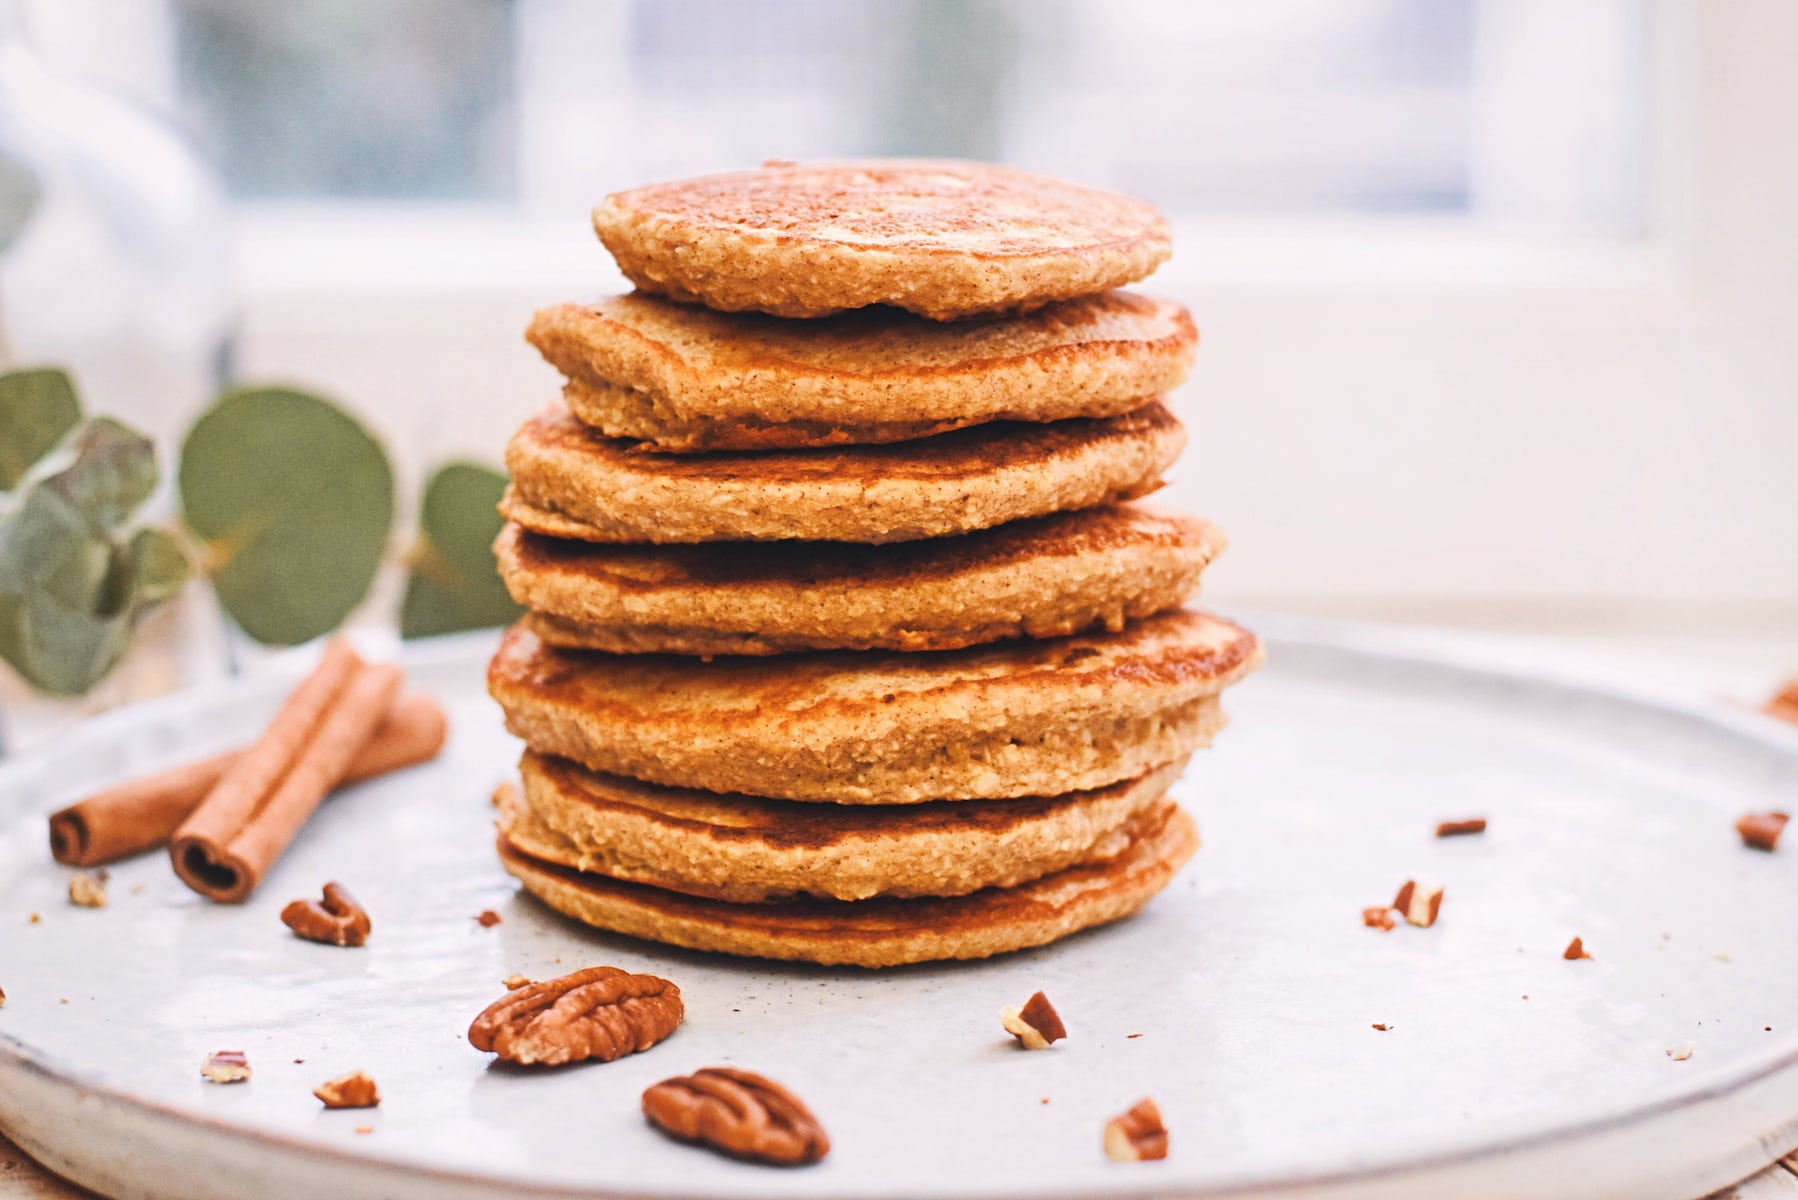 10 x gezonde ontbijt recepten | Gezond ontbijten met deze recepten